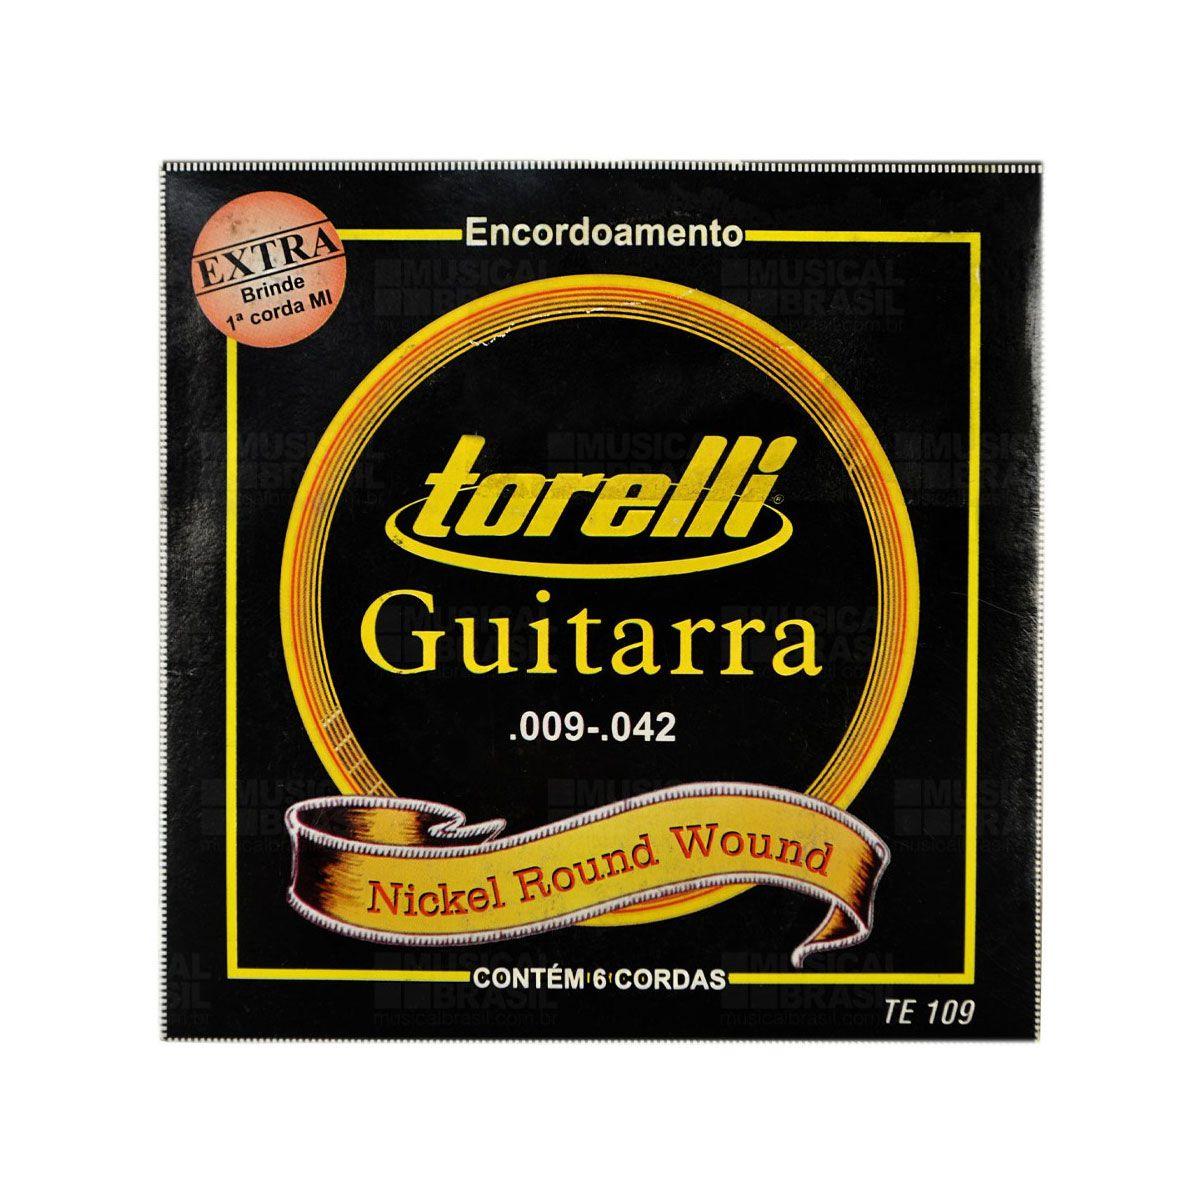 Encordoamento Guitarra Torelli Te109 009